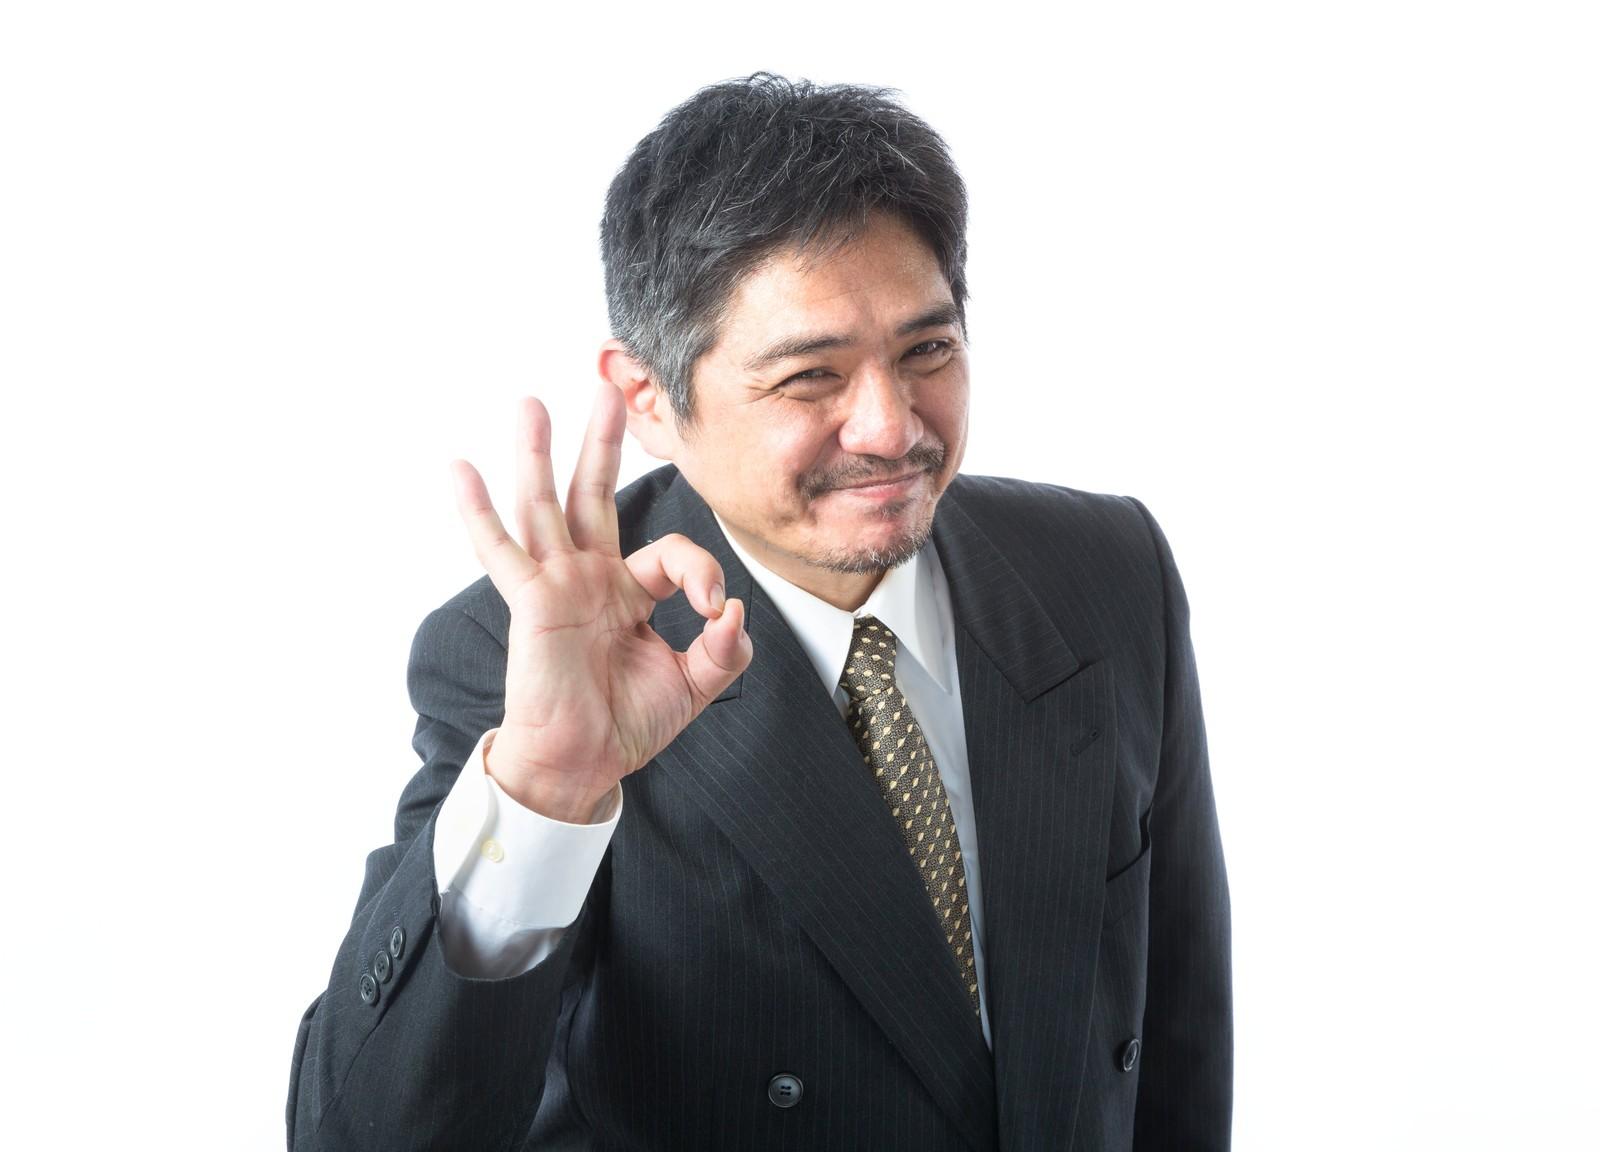 経営者の画像